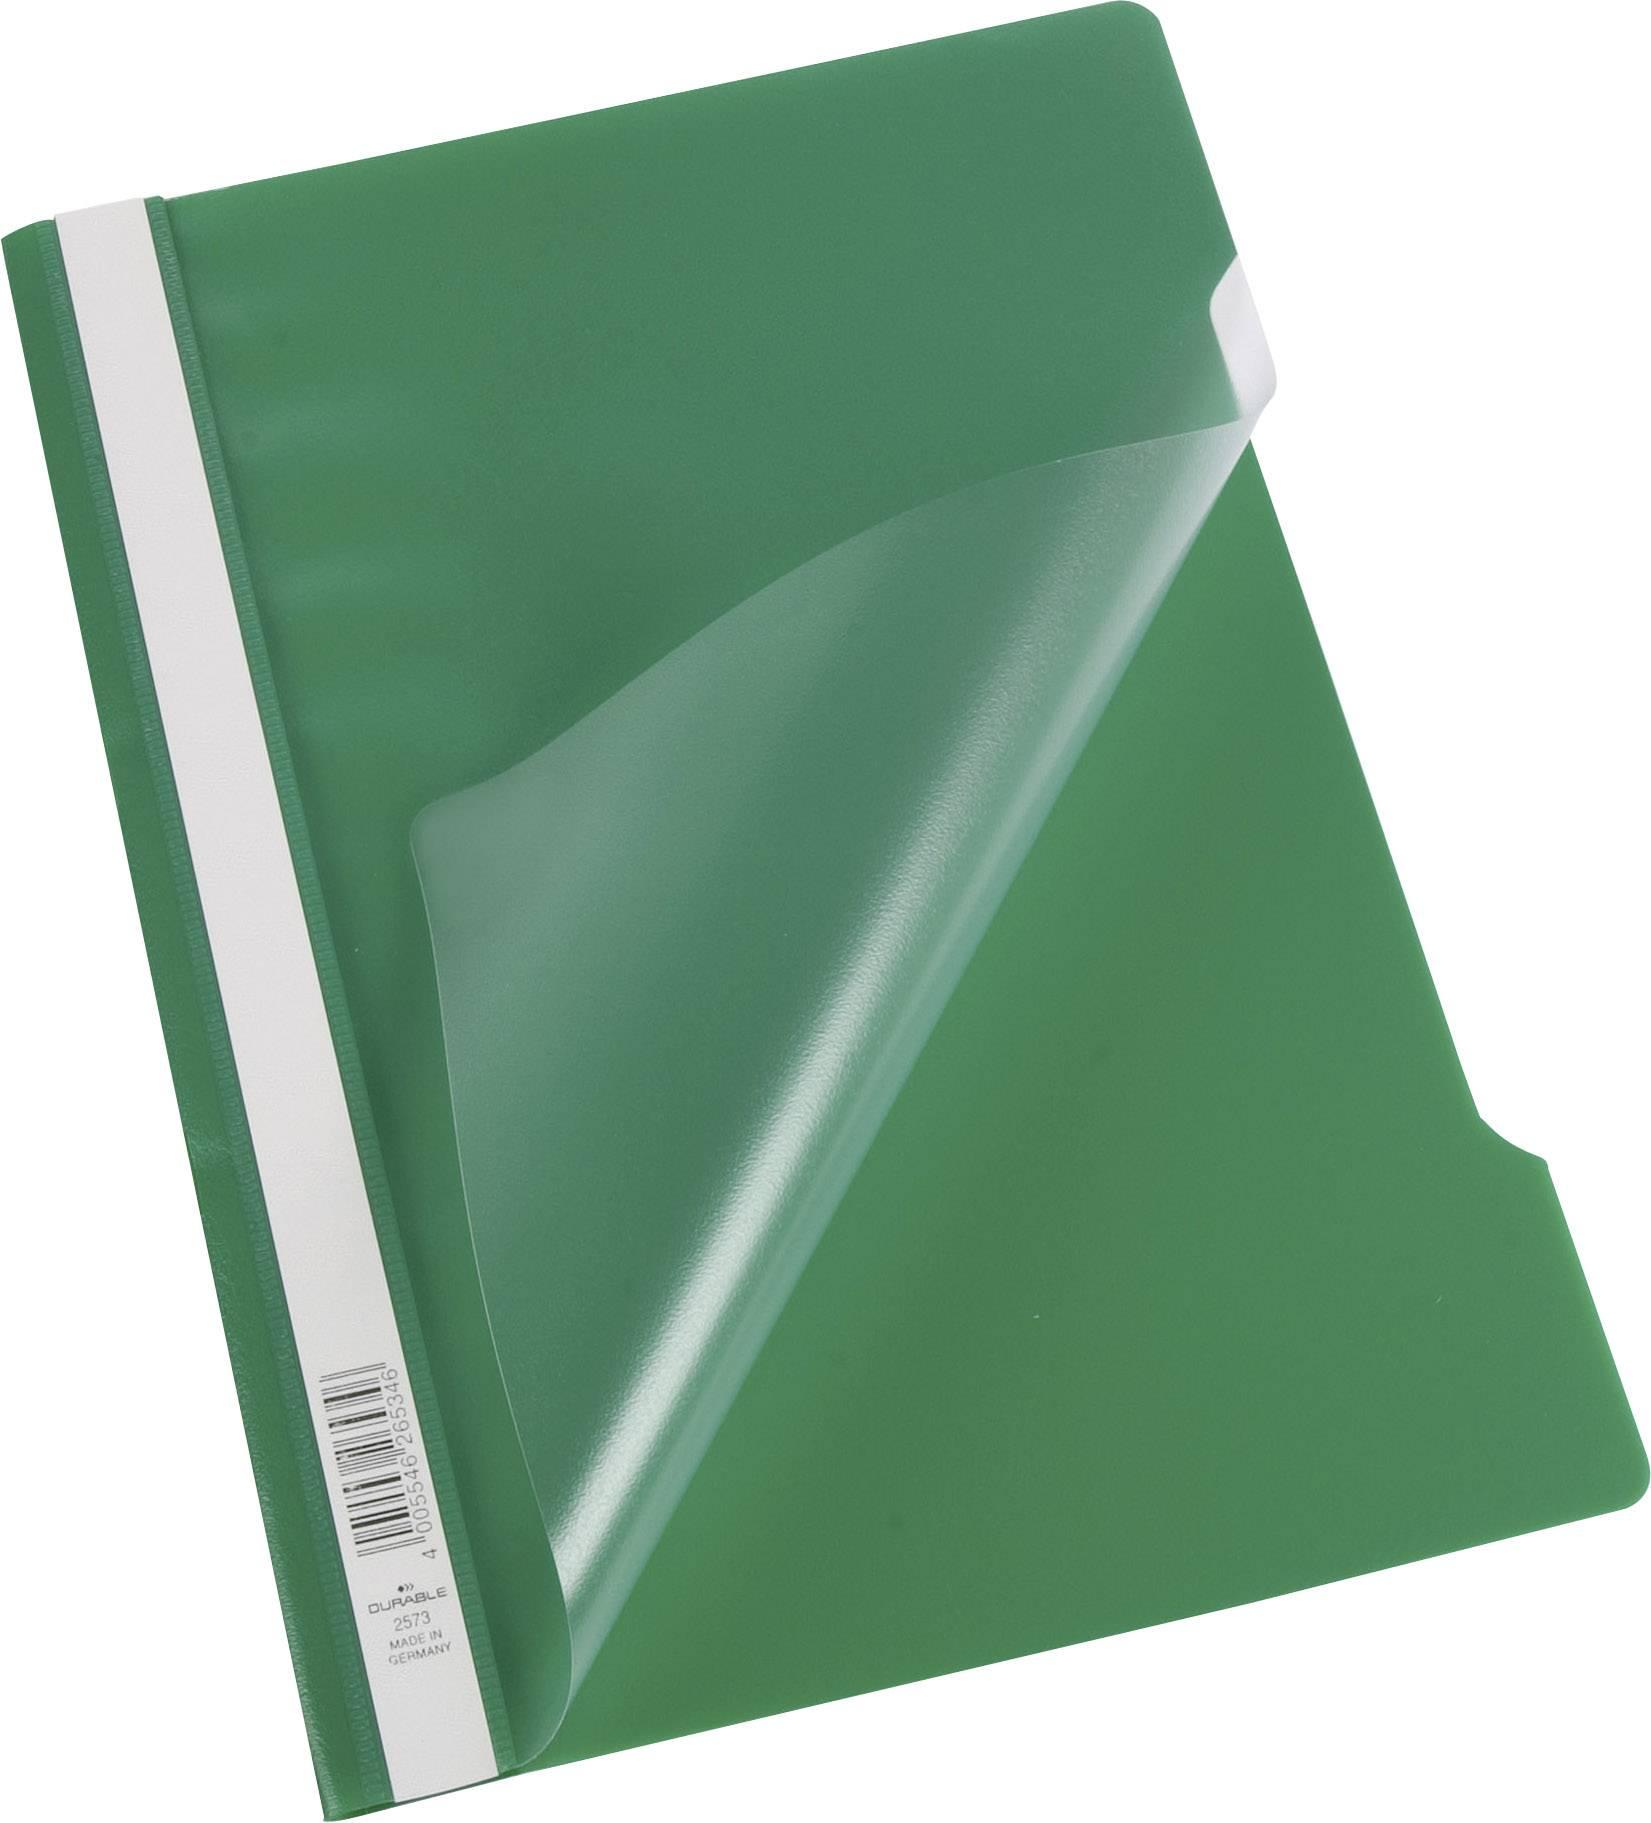 Durable 2573 257305 spenjalnik zelena din a4